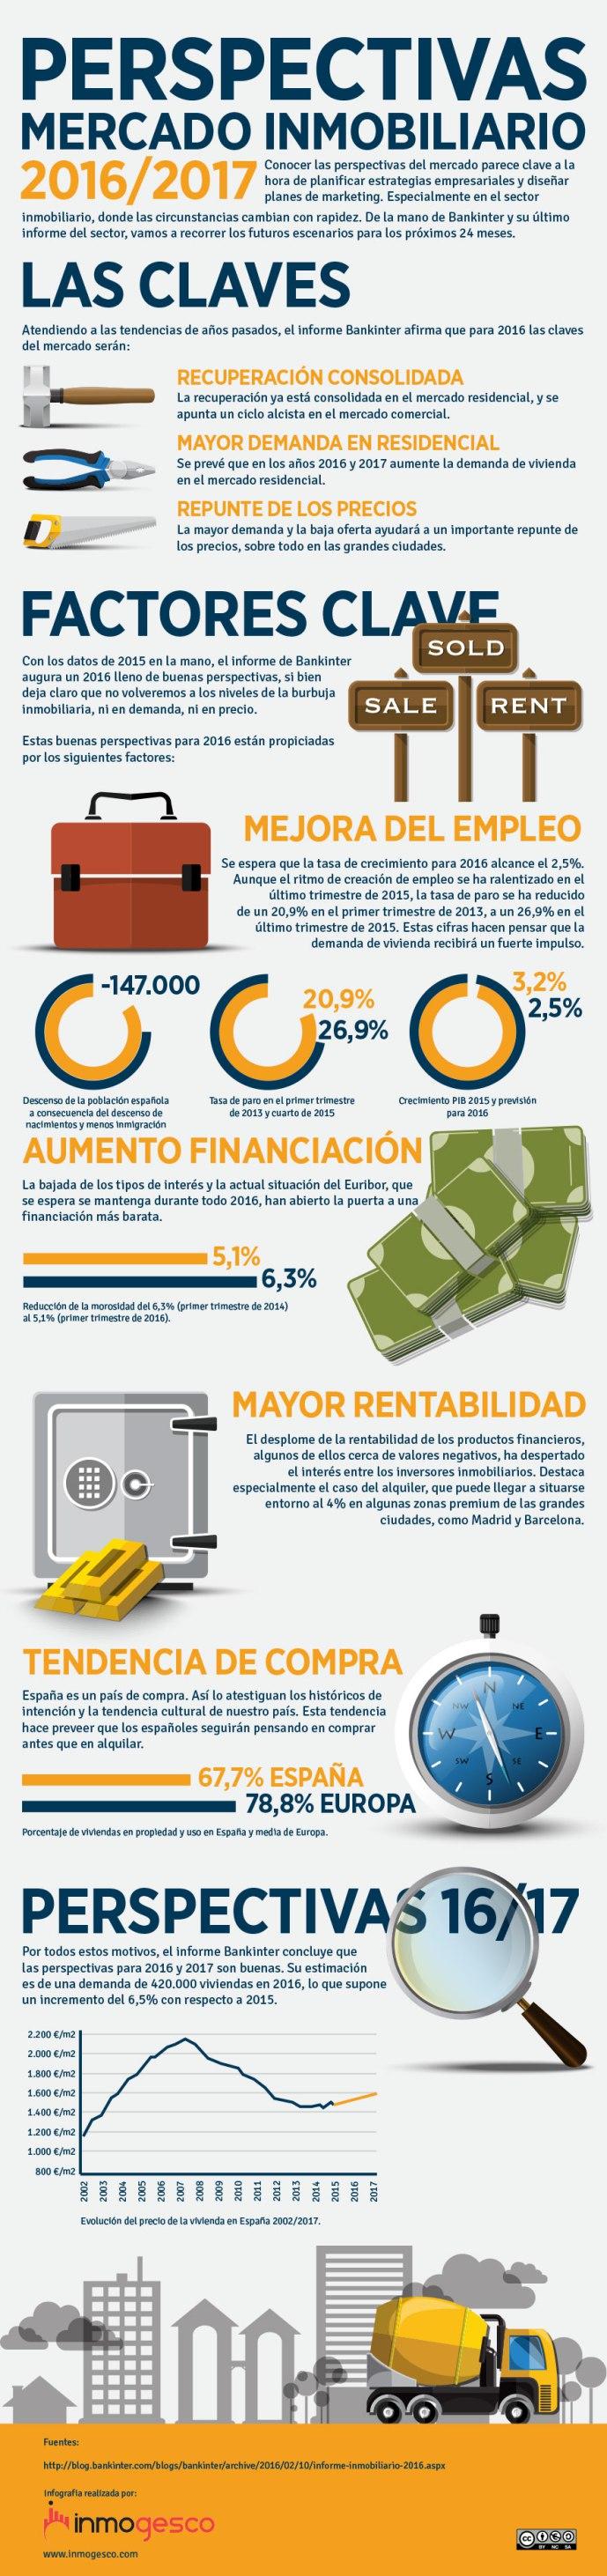 infografia analisis mercado inmobiliario 2016 - 2017